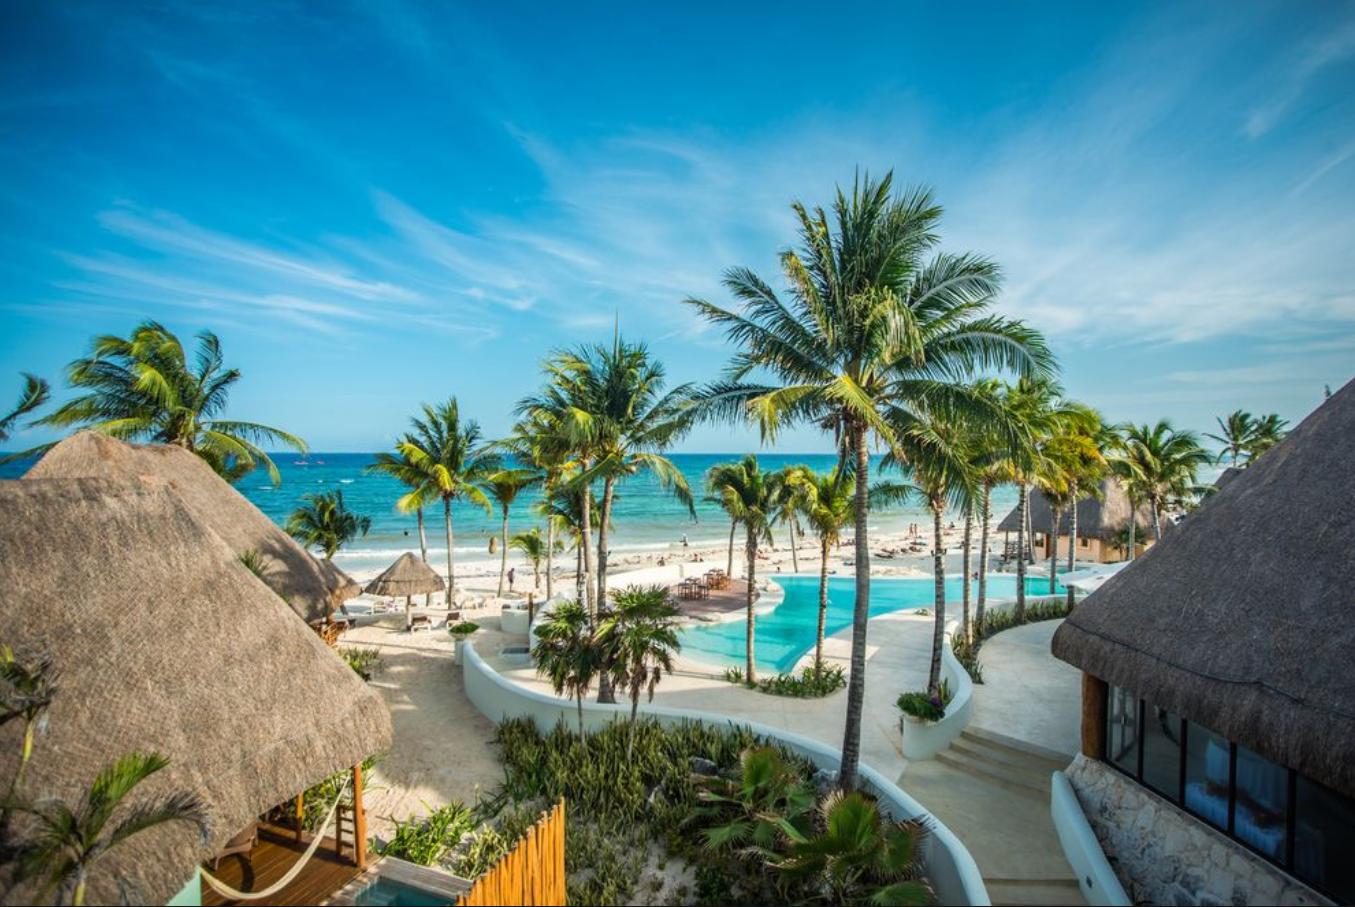 mahekal beach resort.PNG